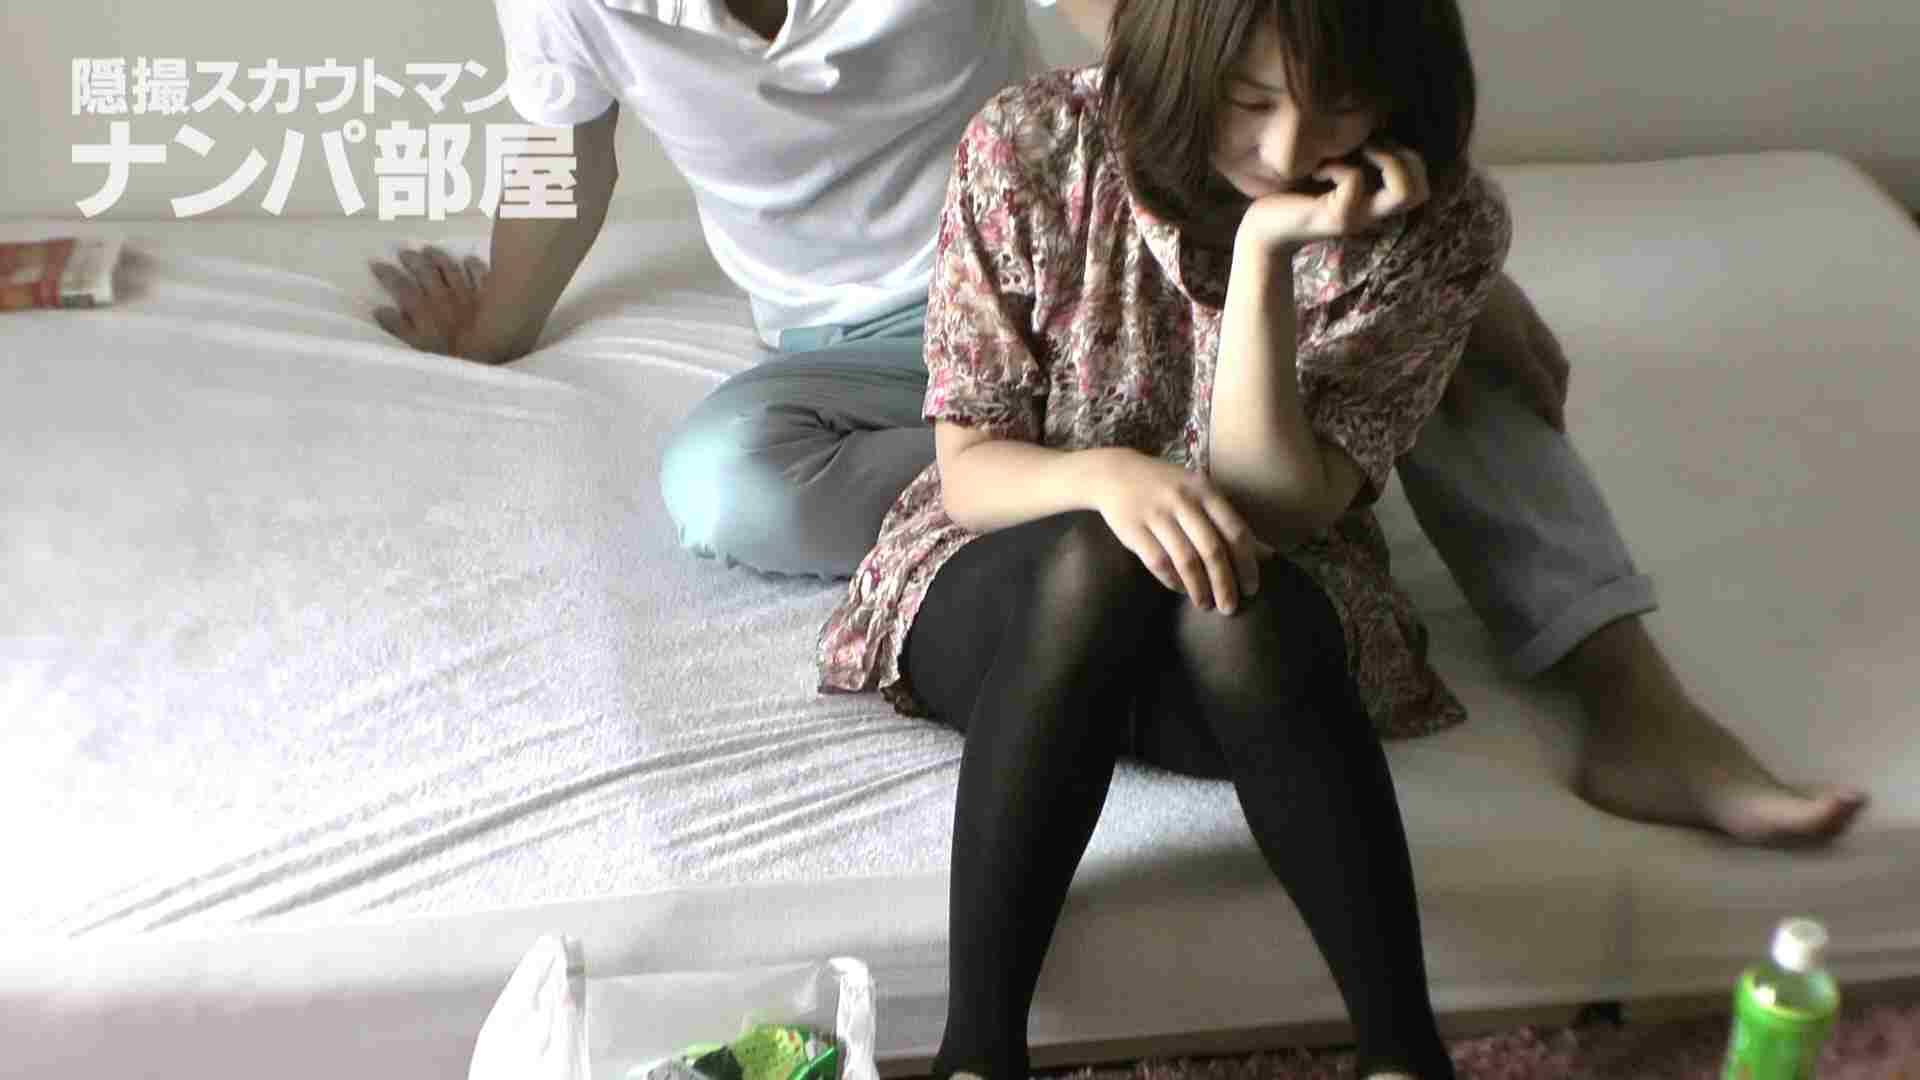 隠撮スカウトマンのナンパ部屋~風俗デビュー前のつまみ食い~ sii 隠撮  84連発 15